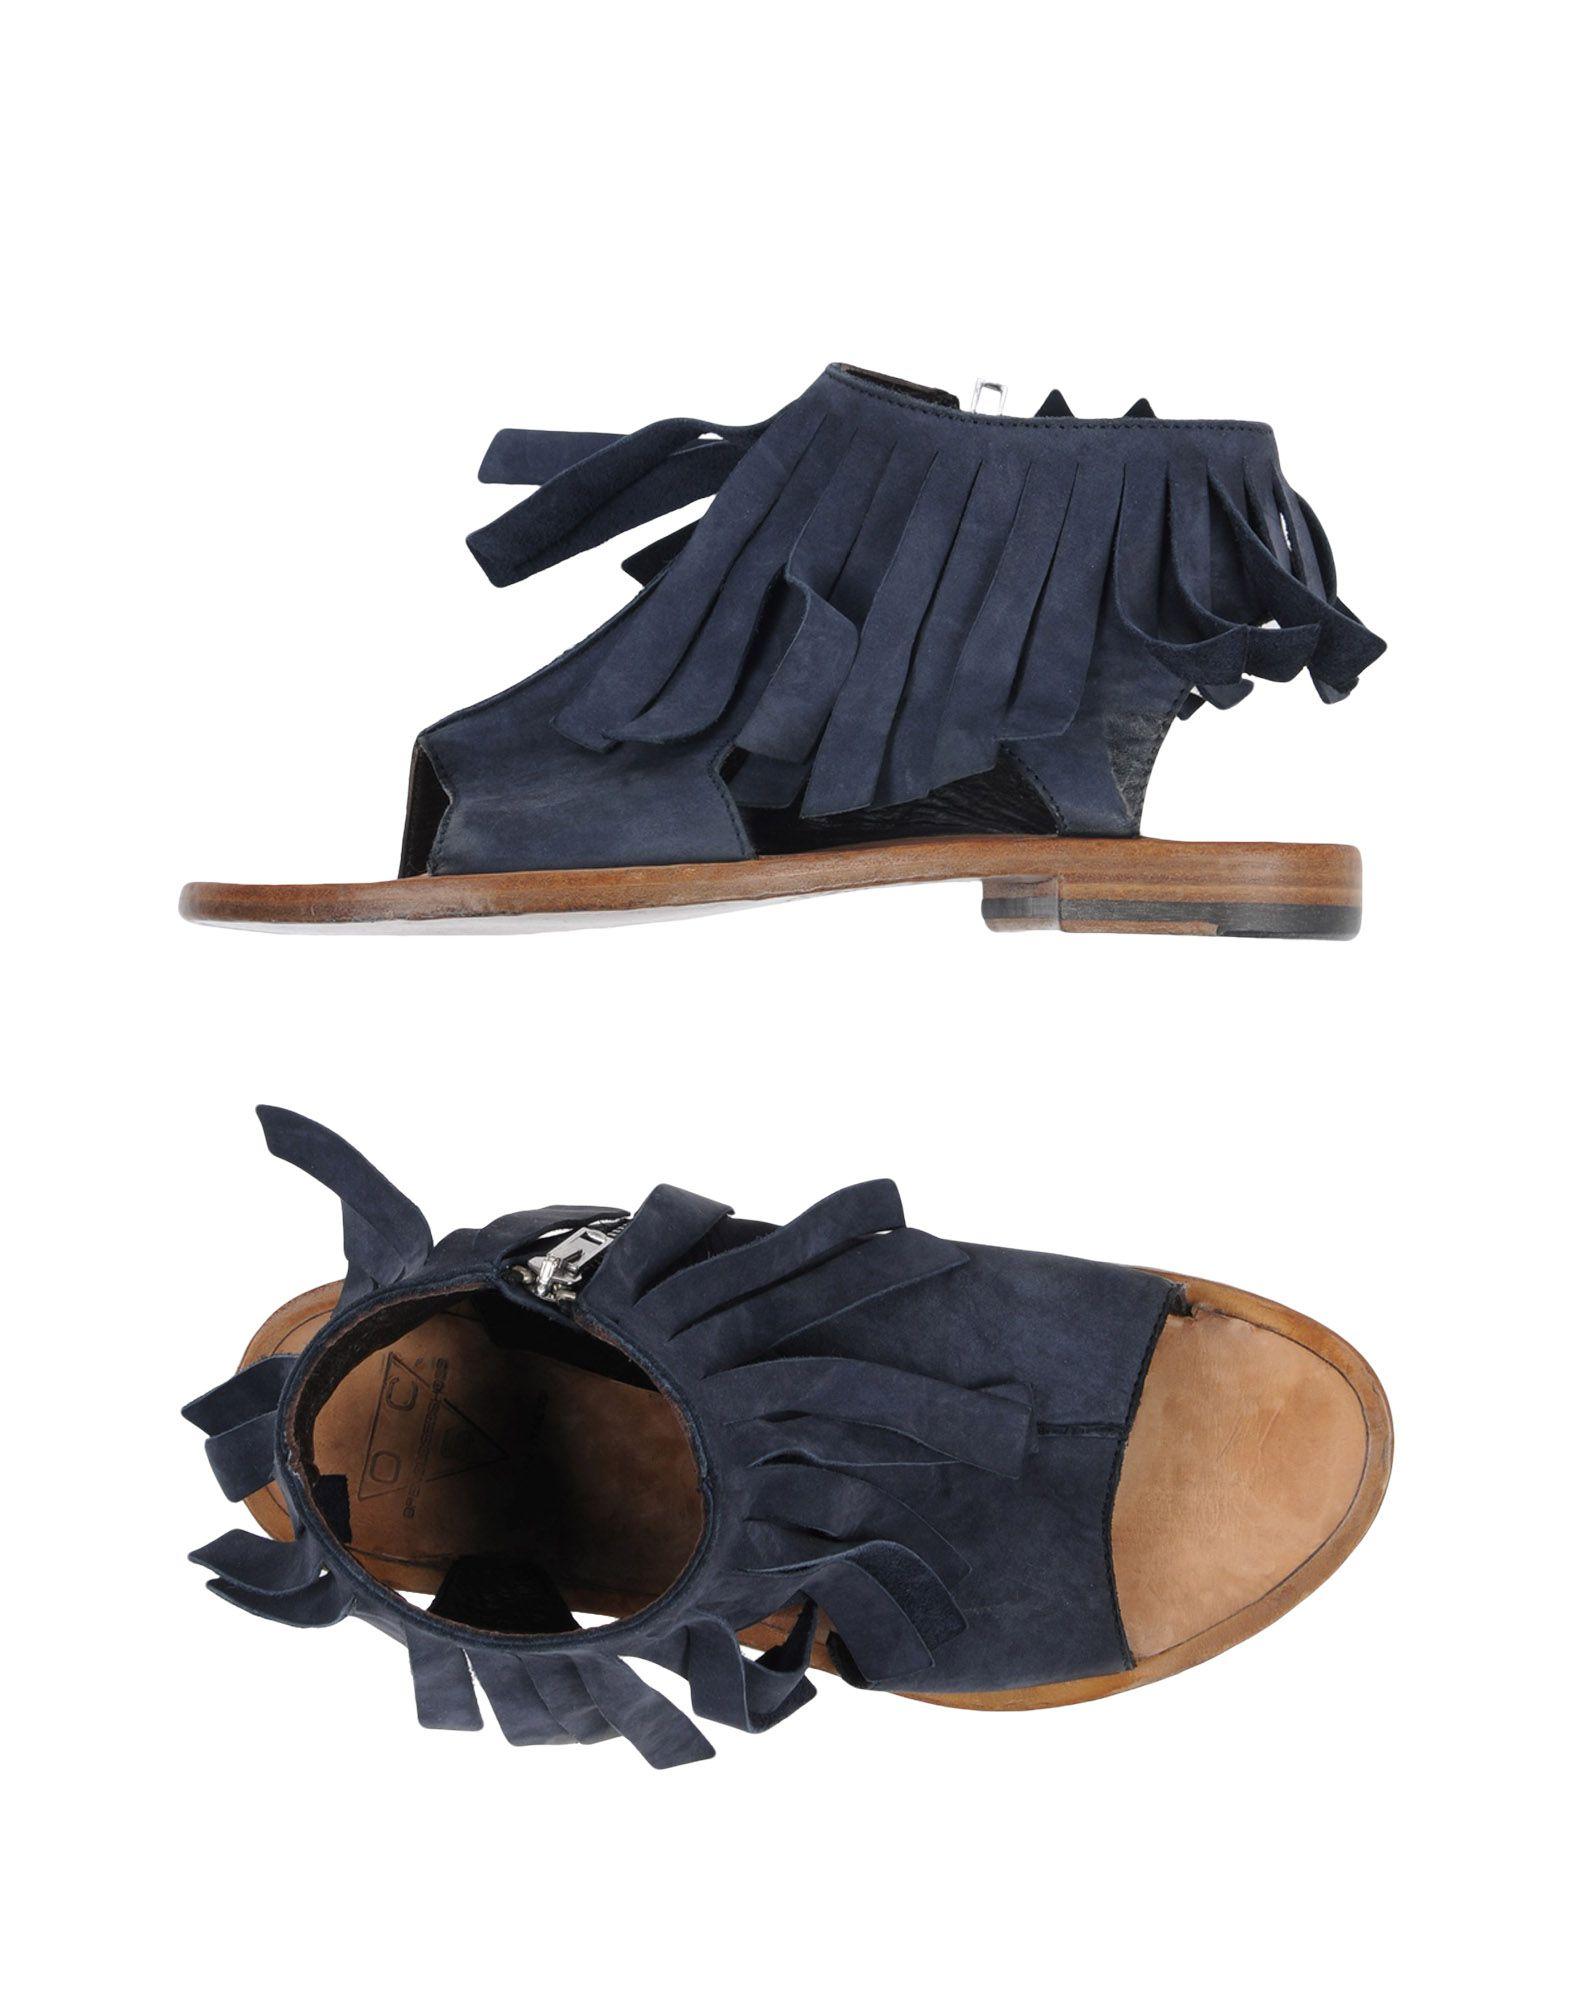 OPEN CLOSED SHOES Сандалии kemekiss women peep open toe high heel sandals thin heels wedding shoes woman back strap heeled footwear size30 46 pa00328